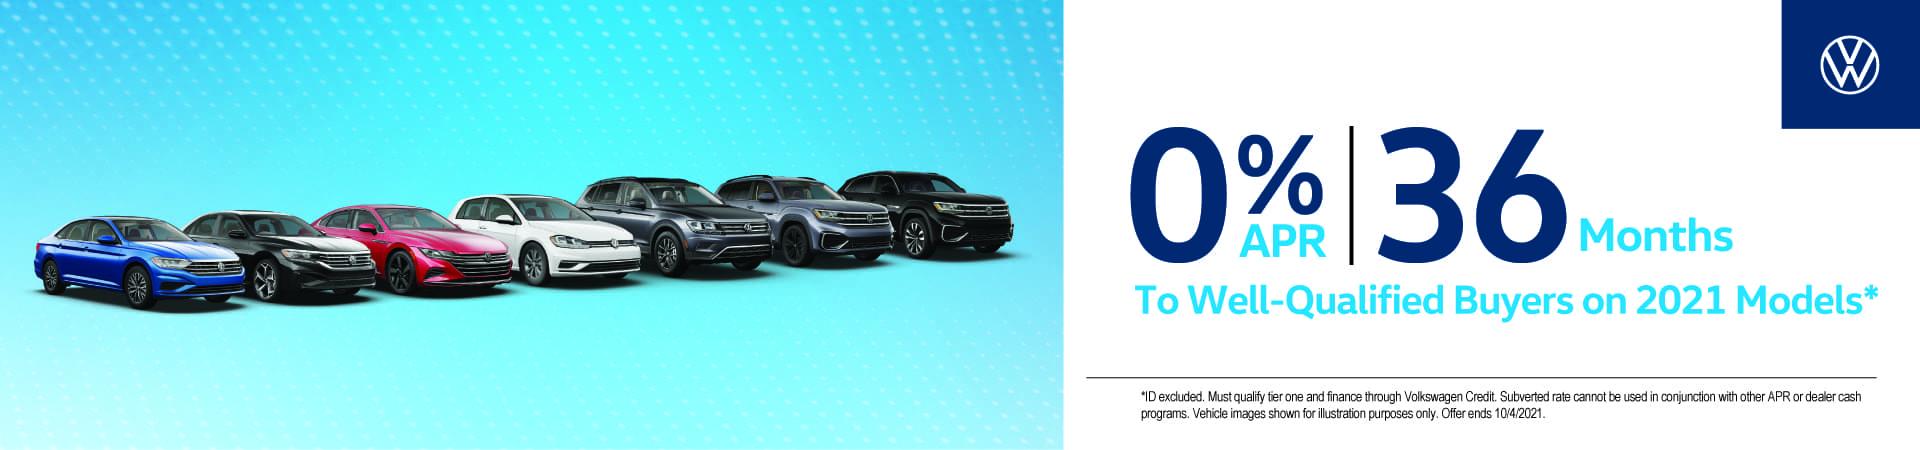 Sep-2021-VW-CS-Slides_0-APR-36-MO